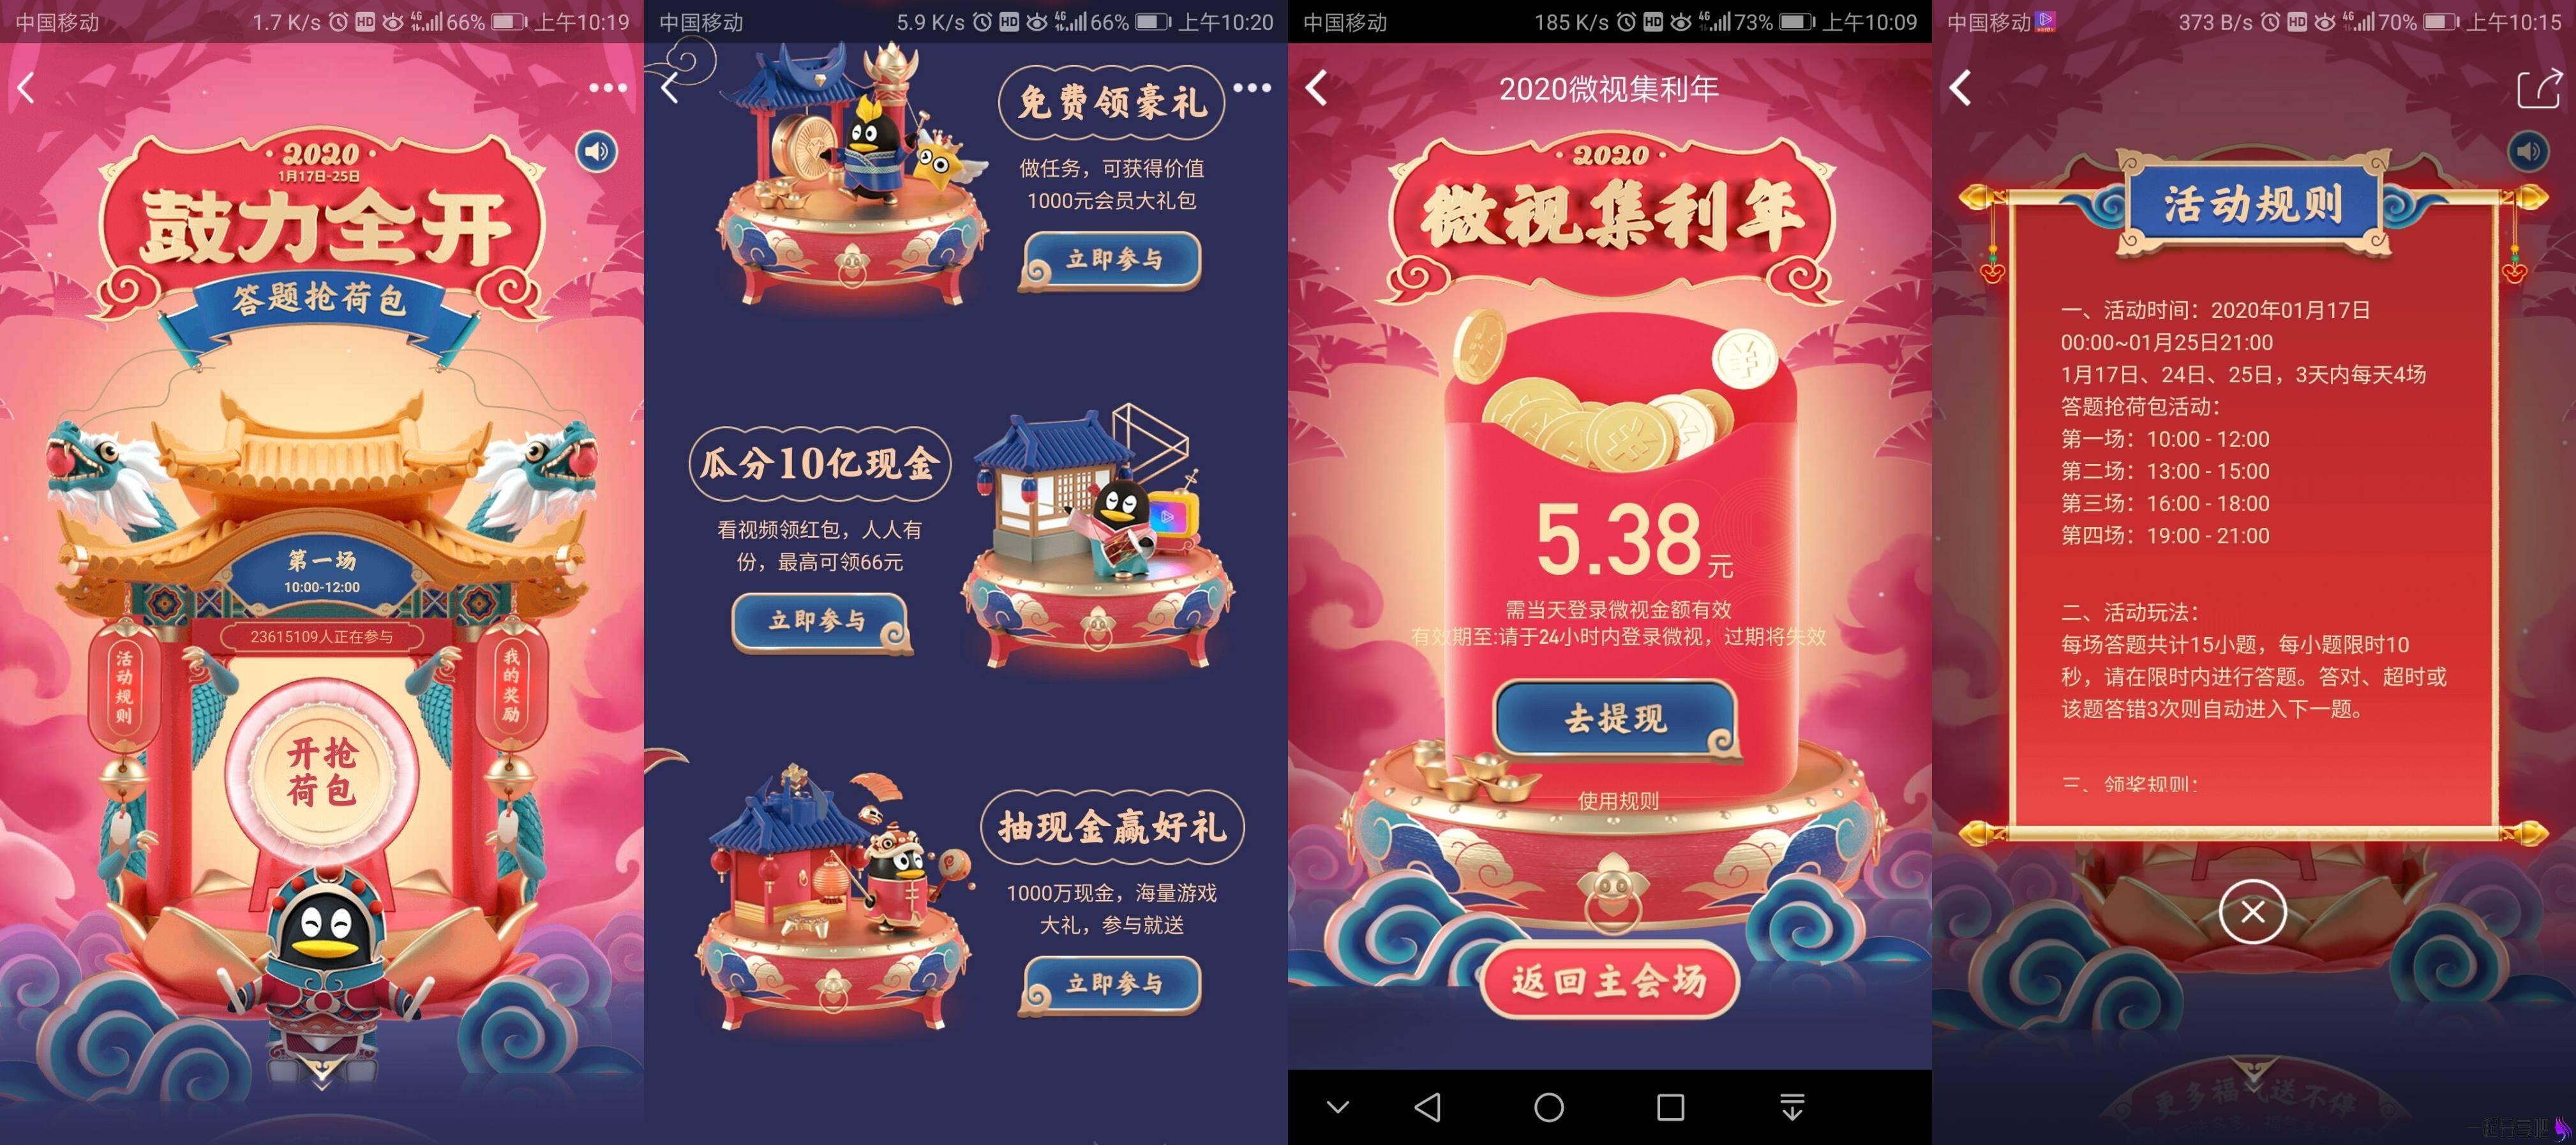 手机QQ鼓力全开撸春节红包 5个活动 第1张